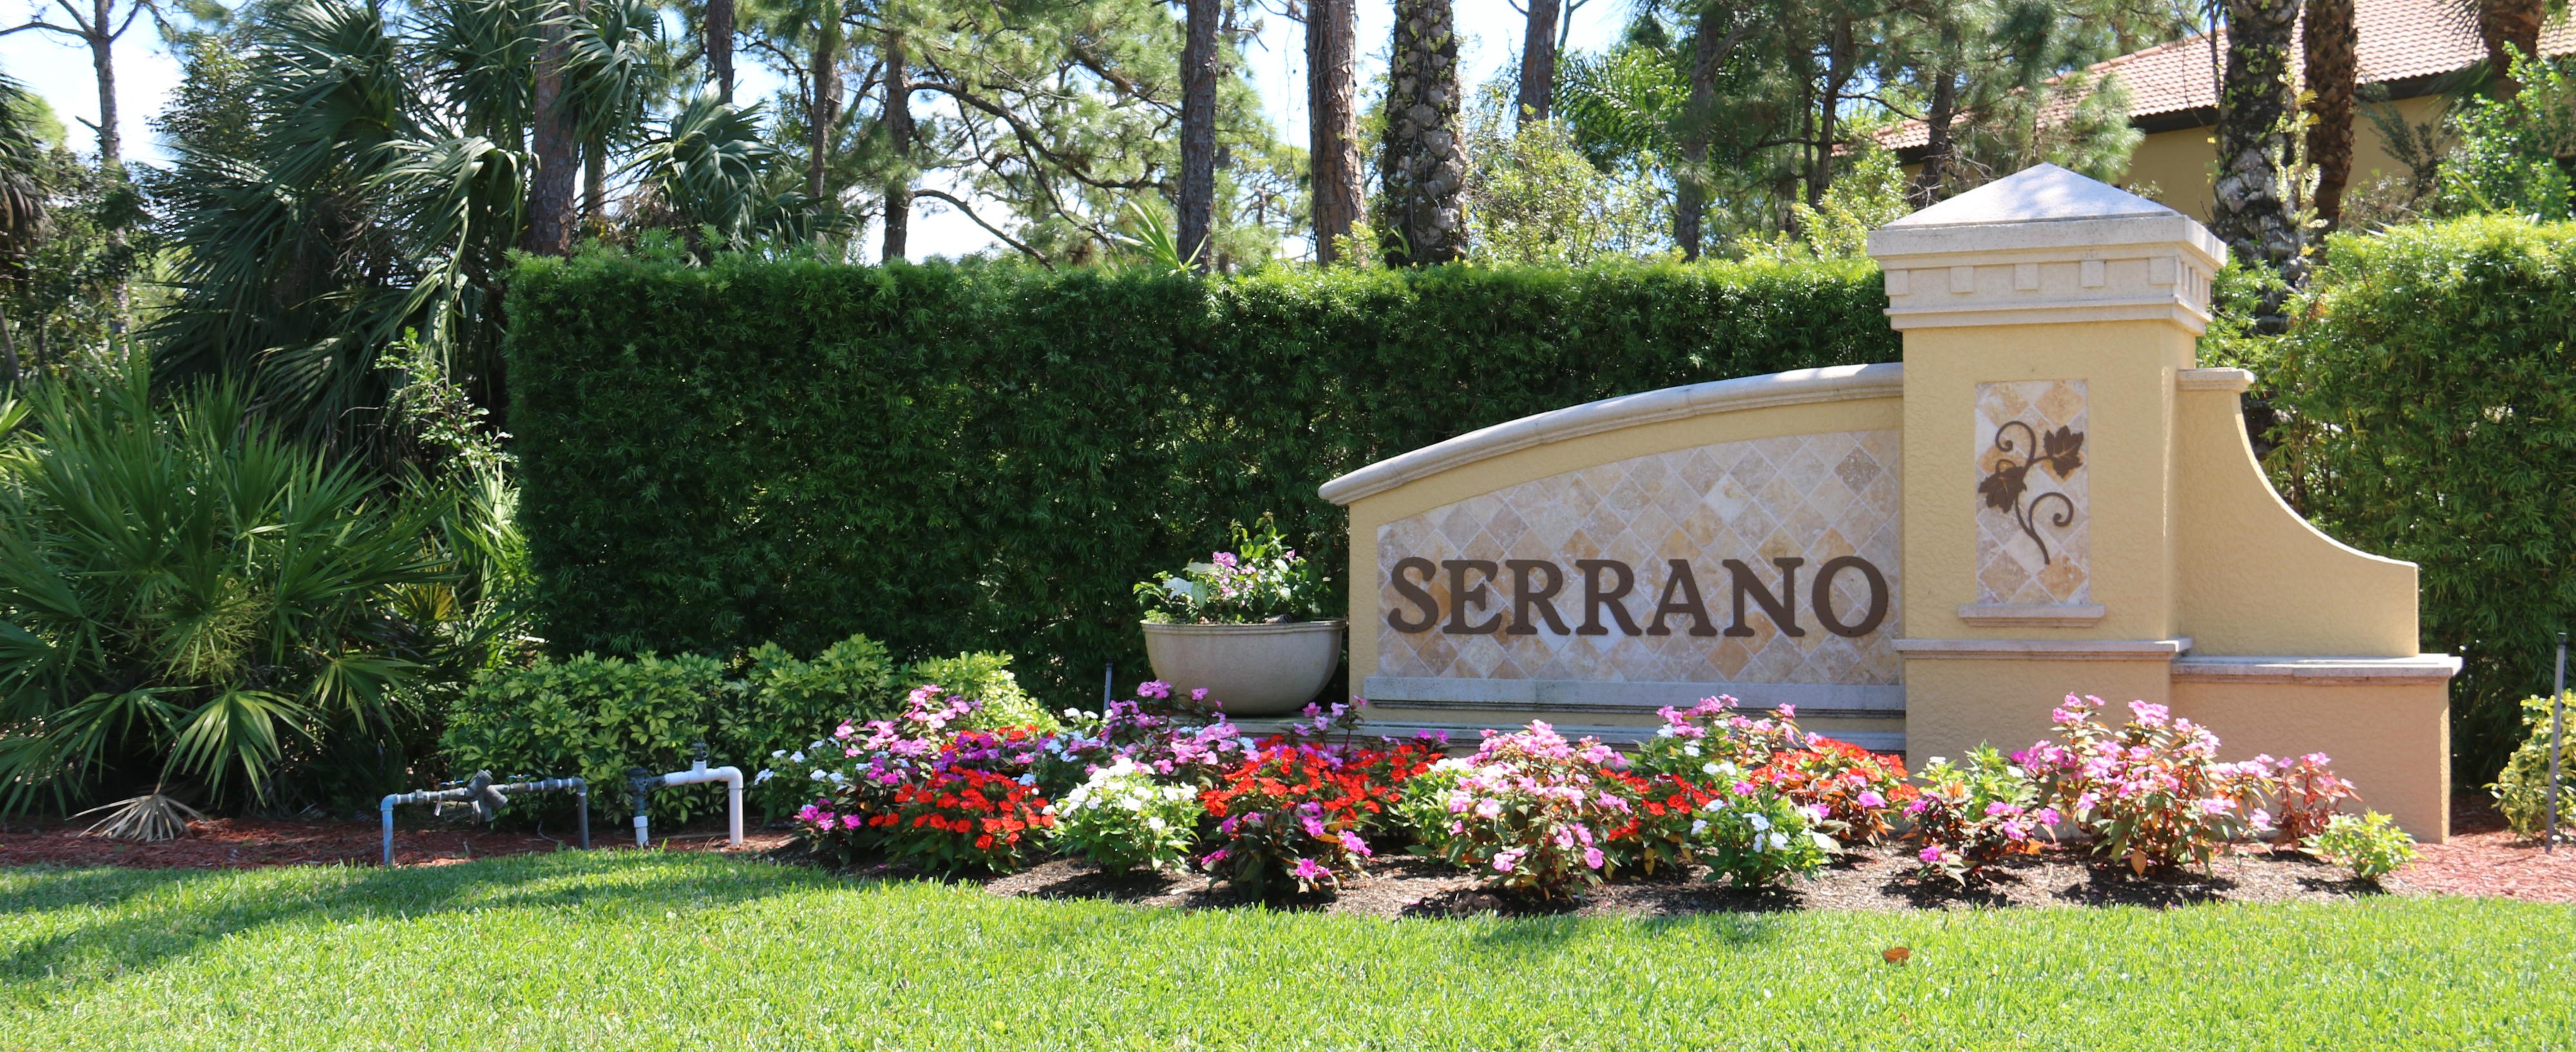 Serrano Homes Condos For Sale In Bonita Springs Florida